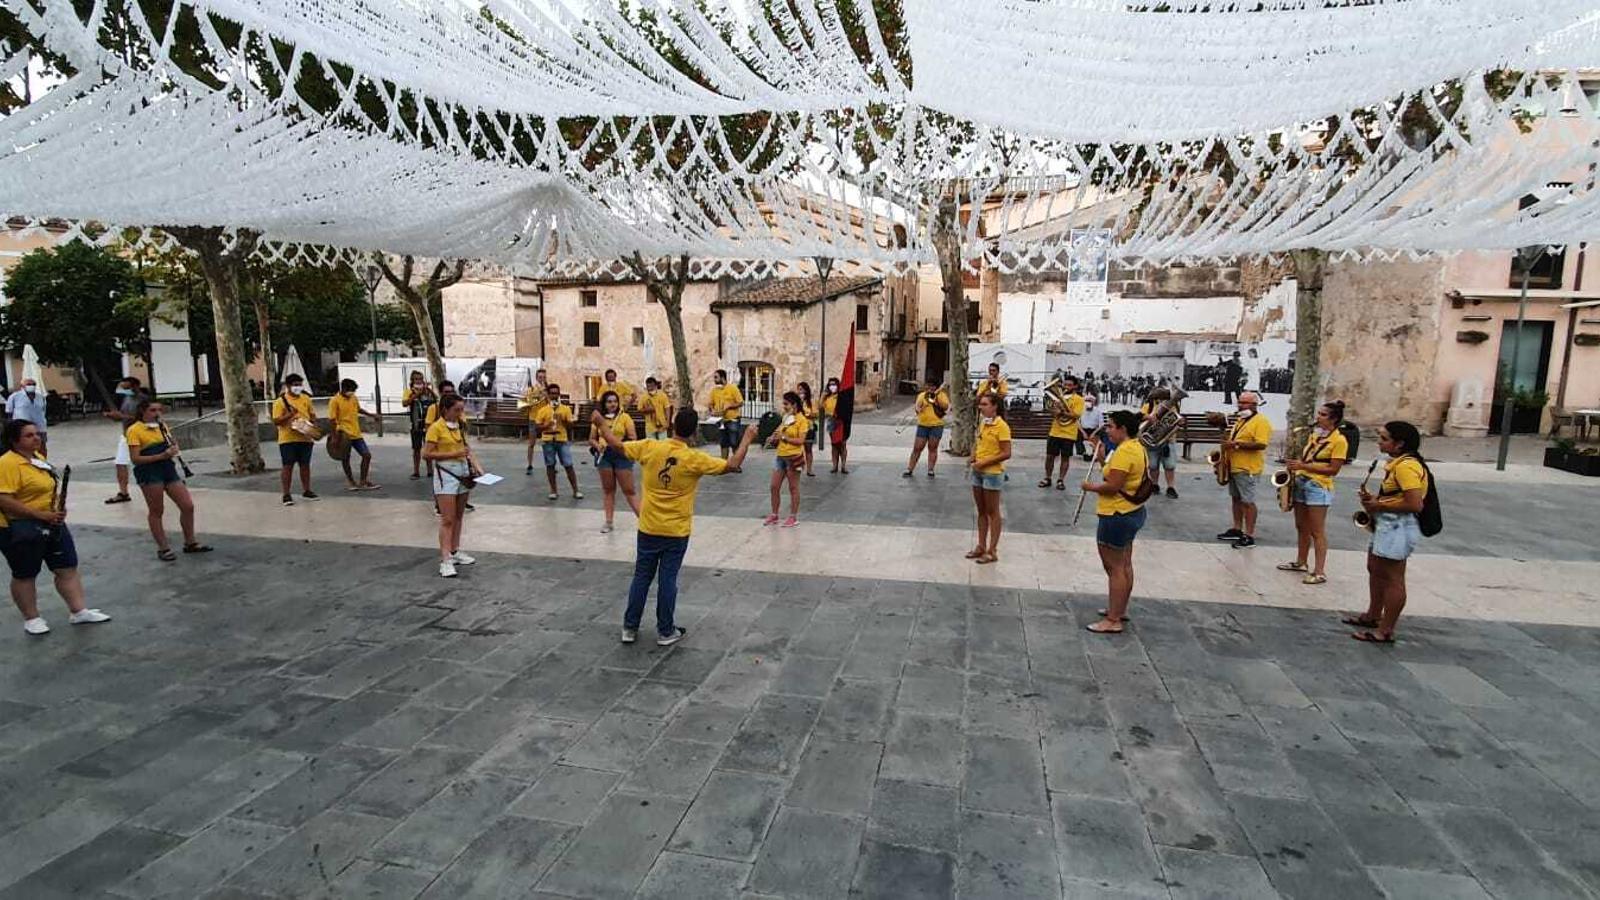 La banda de música tocant a la plaça del poble. / MATEU SOLER